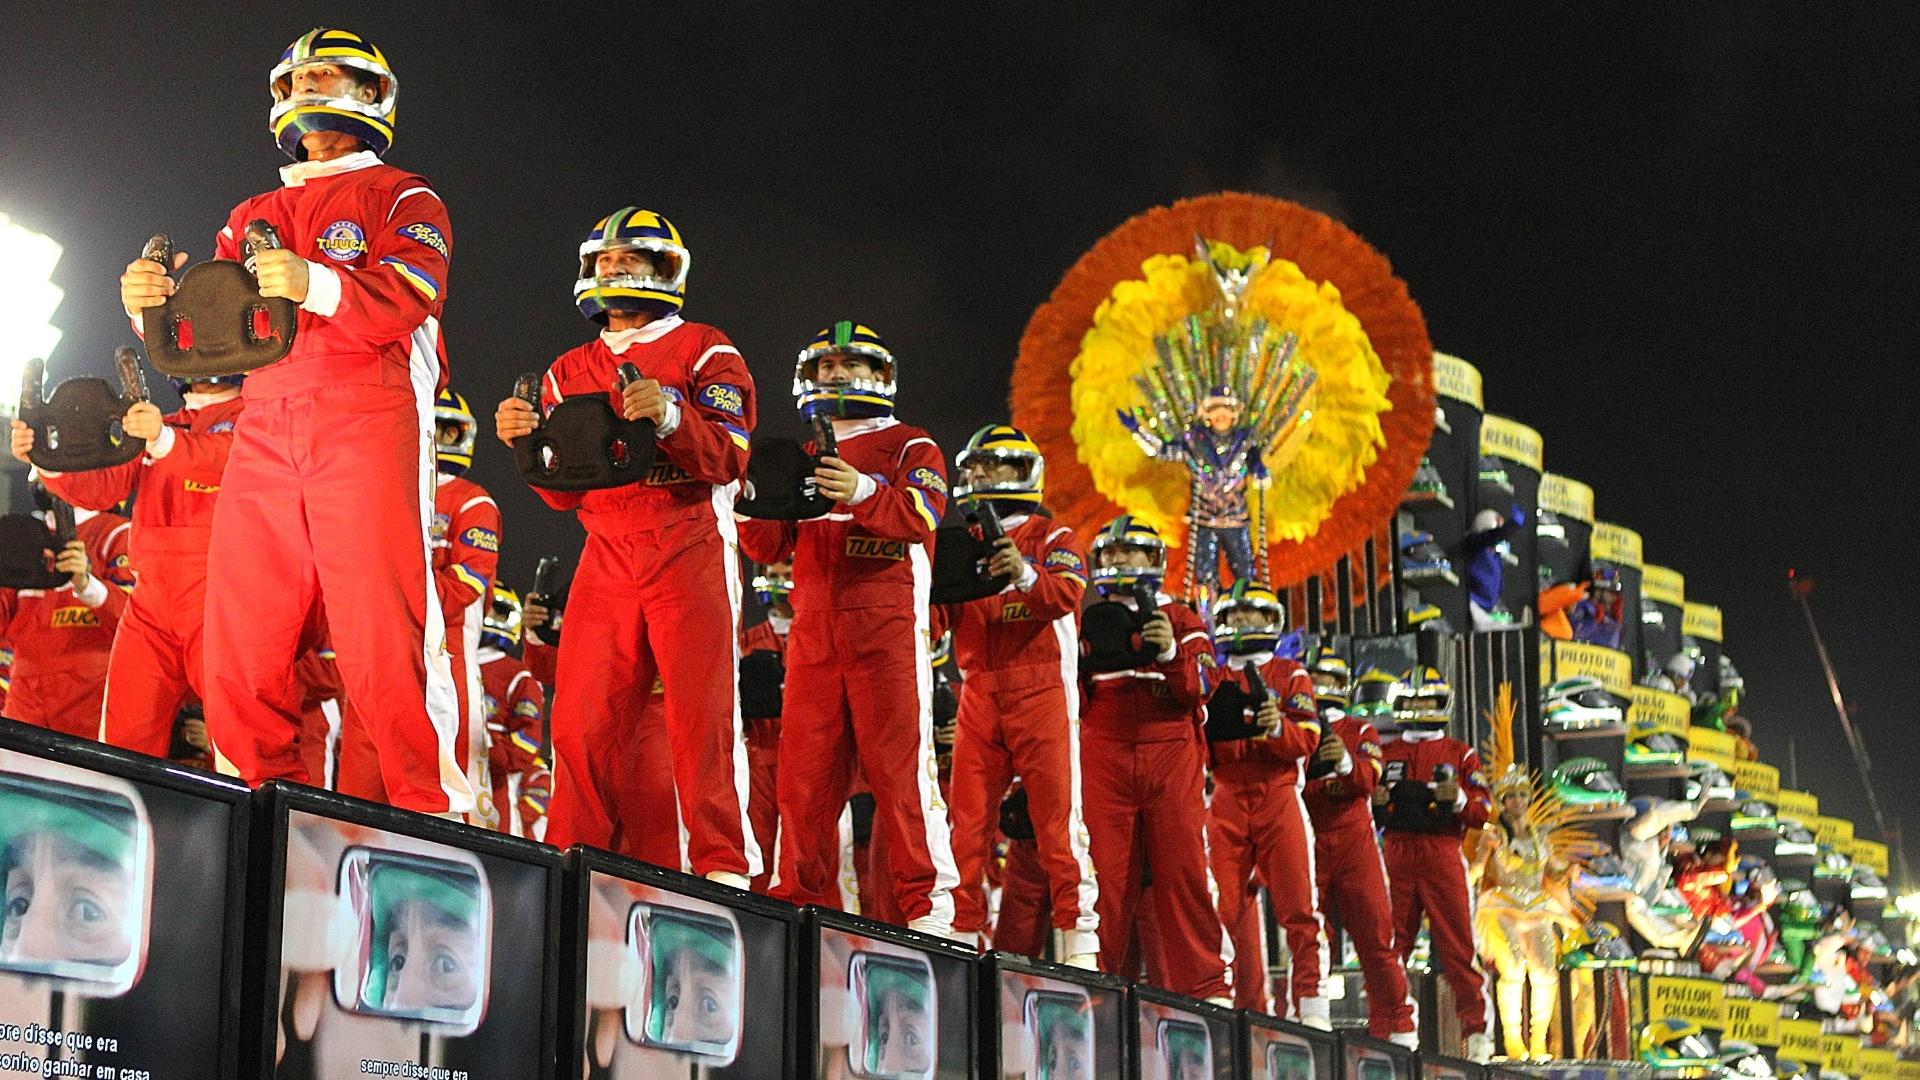 4.mar.2014 - A Unidos da Tijuca fecha os desfiles na Marquês de Sapucaí com o enredo